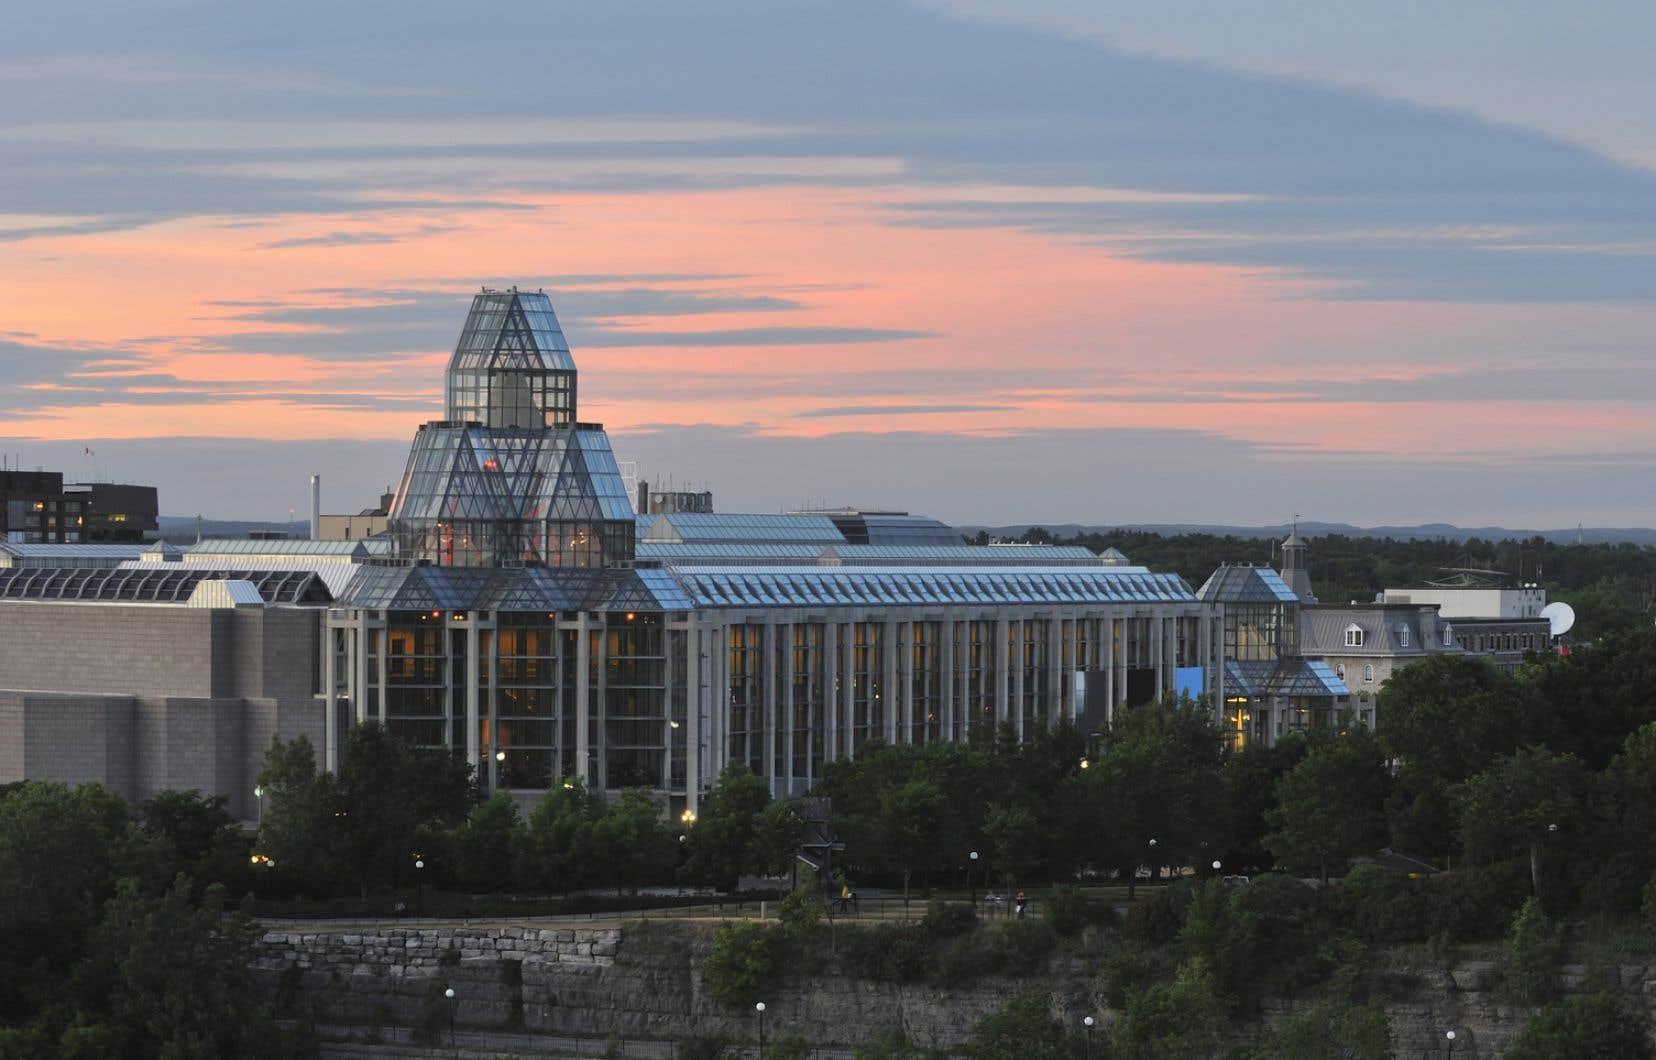 Le Musée des beaux-arts du Canada n'est pas une banque; notre patrimoine national n'est pas à vendre, s'insurge l'auteure.